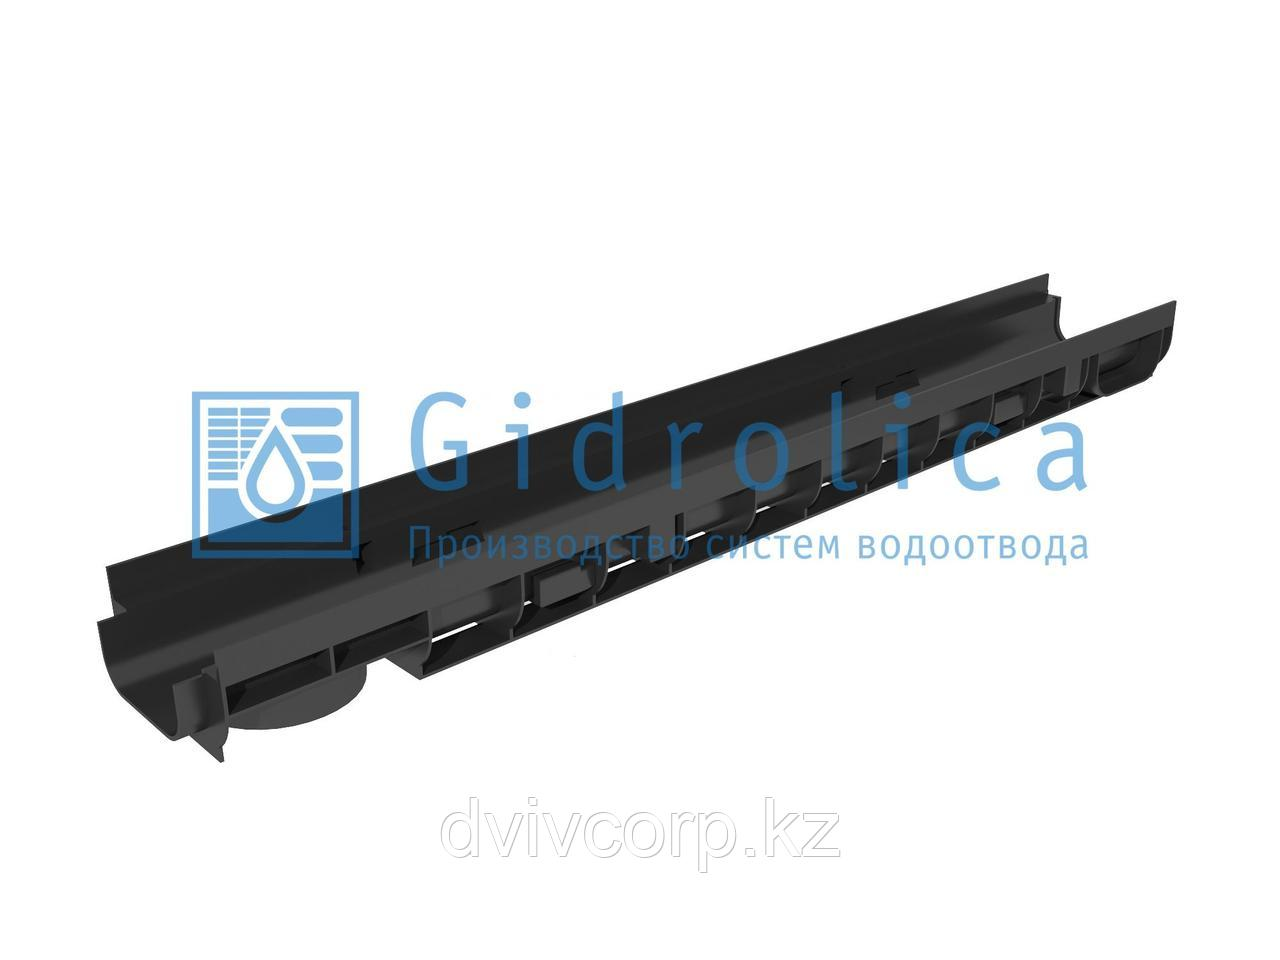 Лоток водоотводный Gidrolica Pro ЛВ-10.14,5.08 - пластиковый